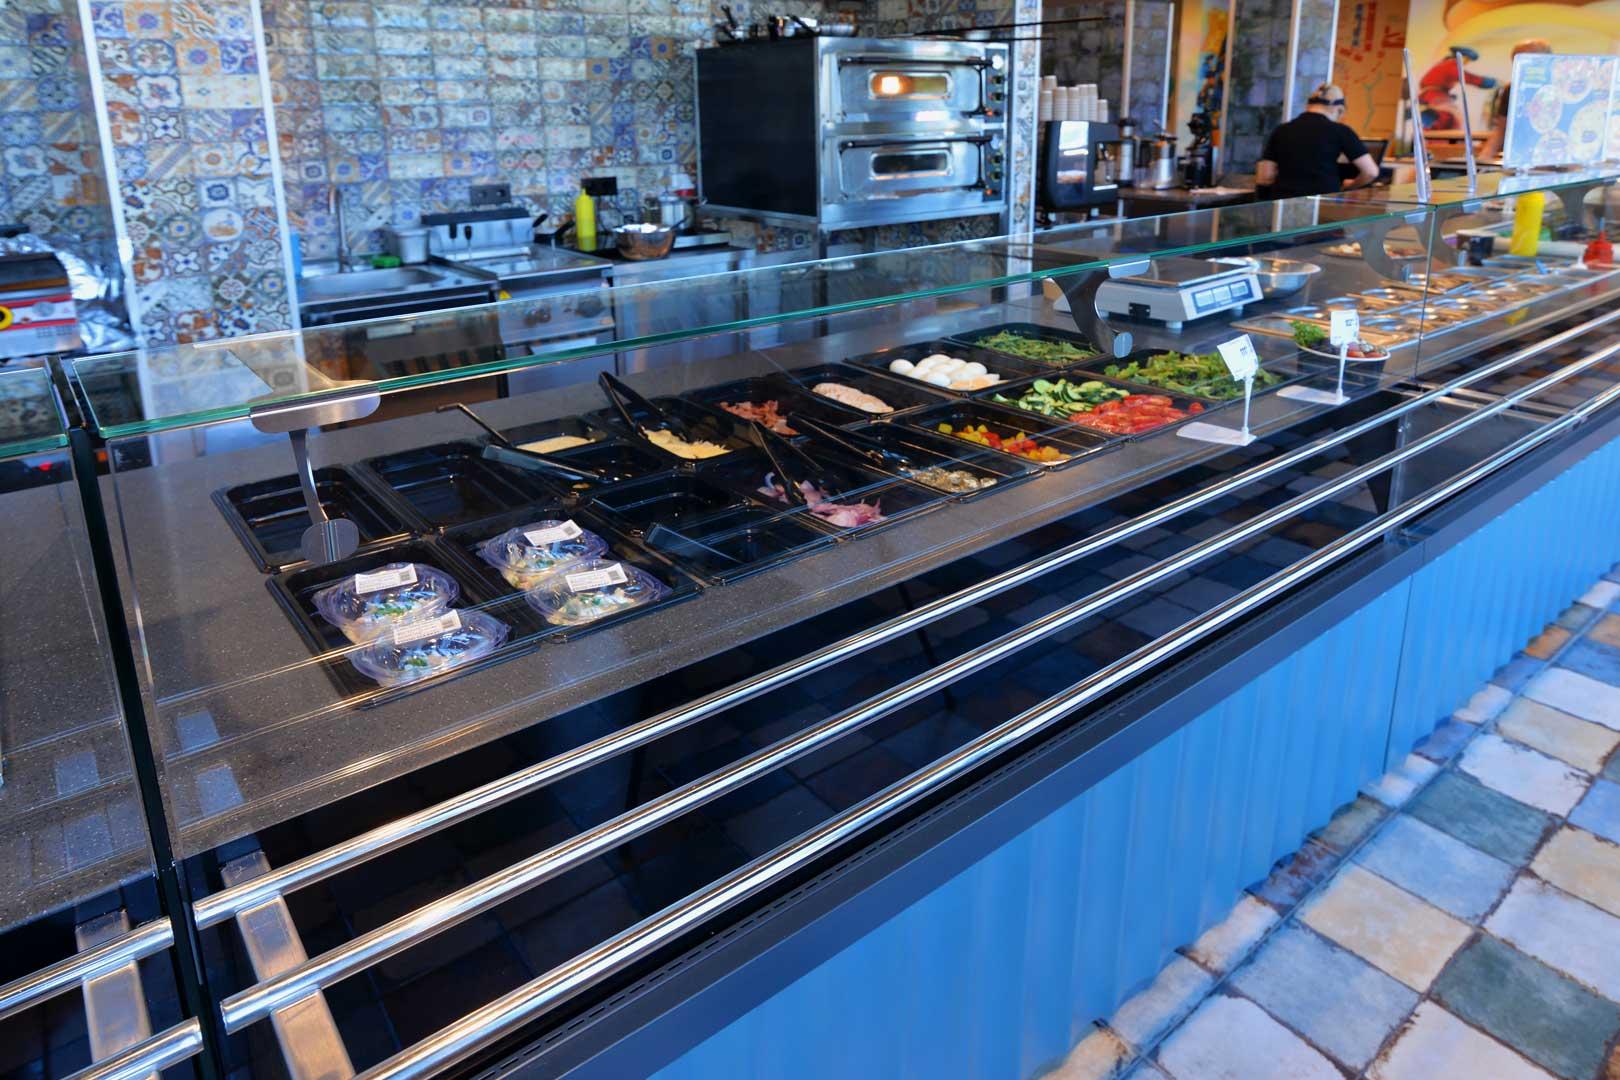 Спеціалізовані вітрини Мissouri МC 100 sushi/pizza L 130-DBM-150, Мissouri МC 100 salads L 130-DBМ-187